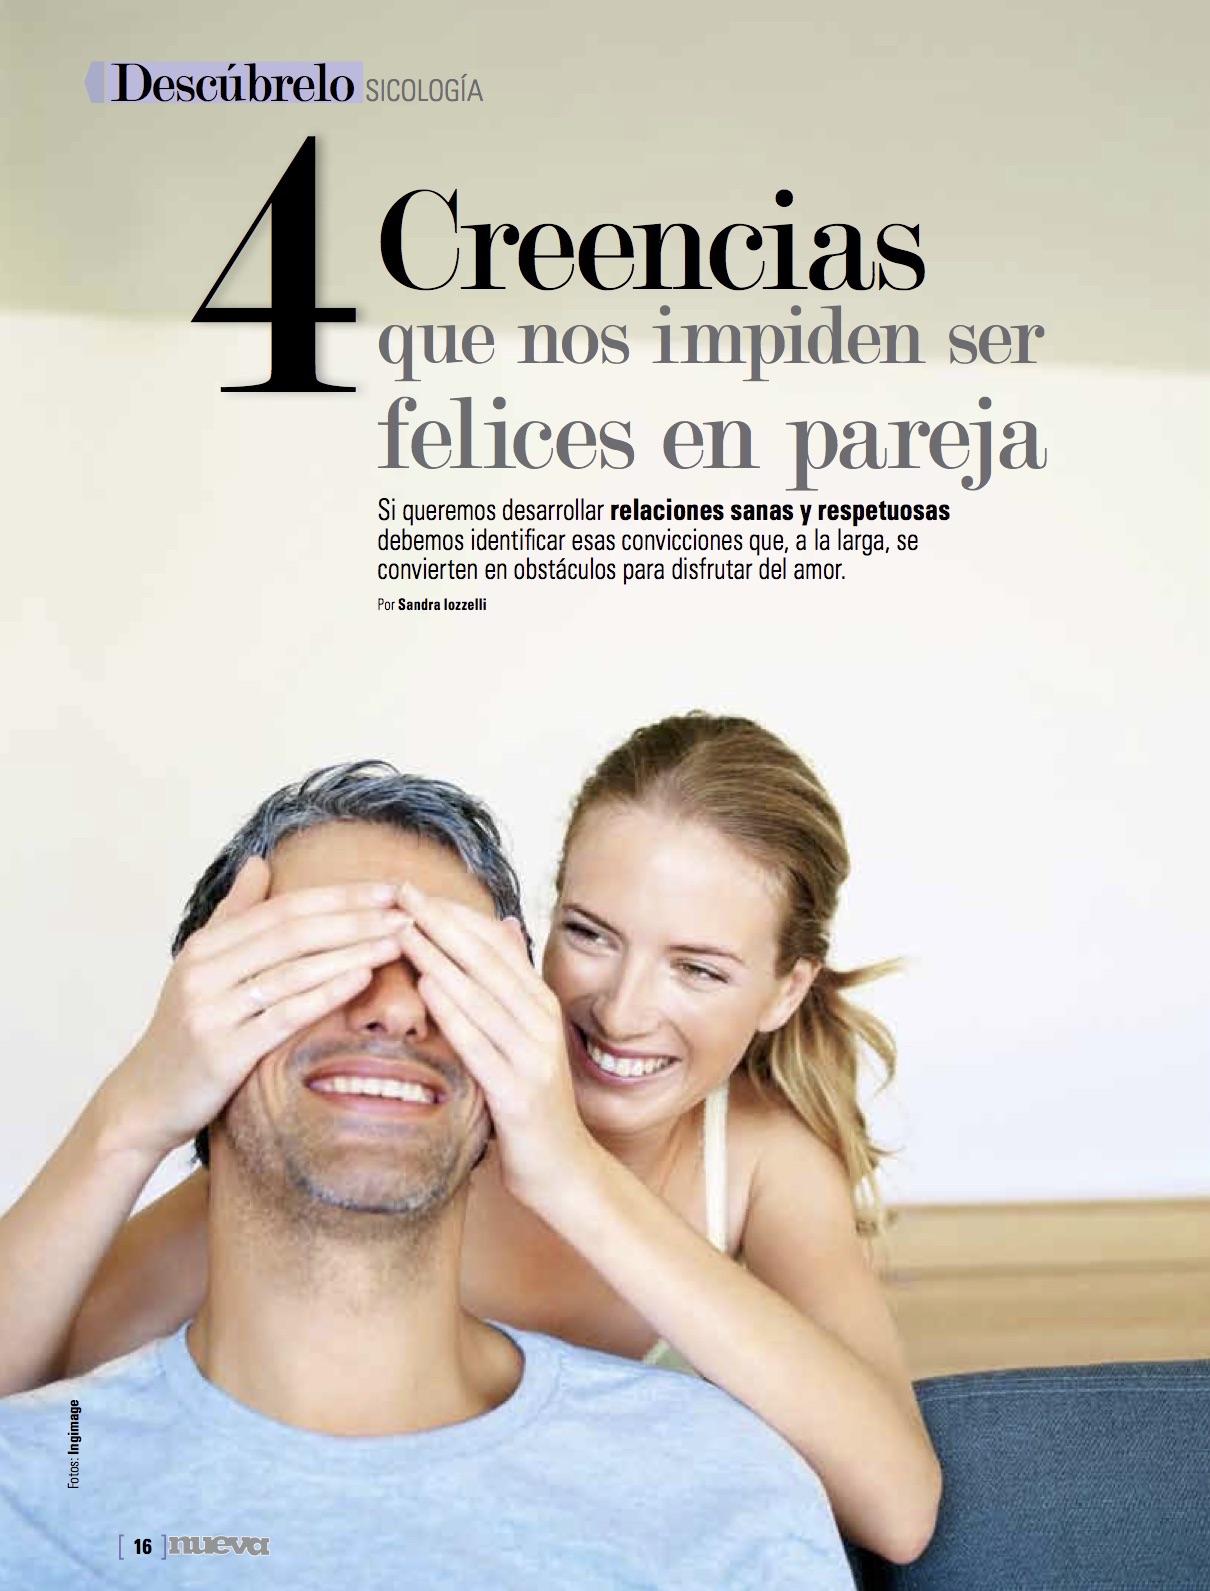 Revista Nueva 10 sep 11 - 1.jpg